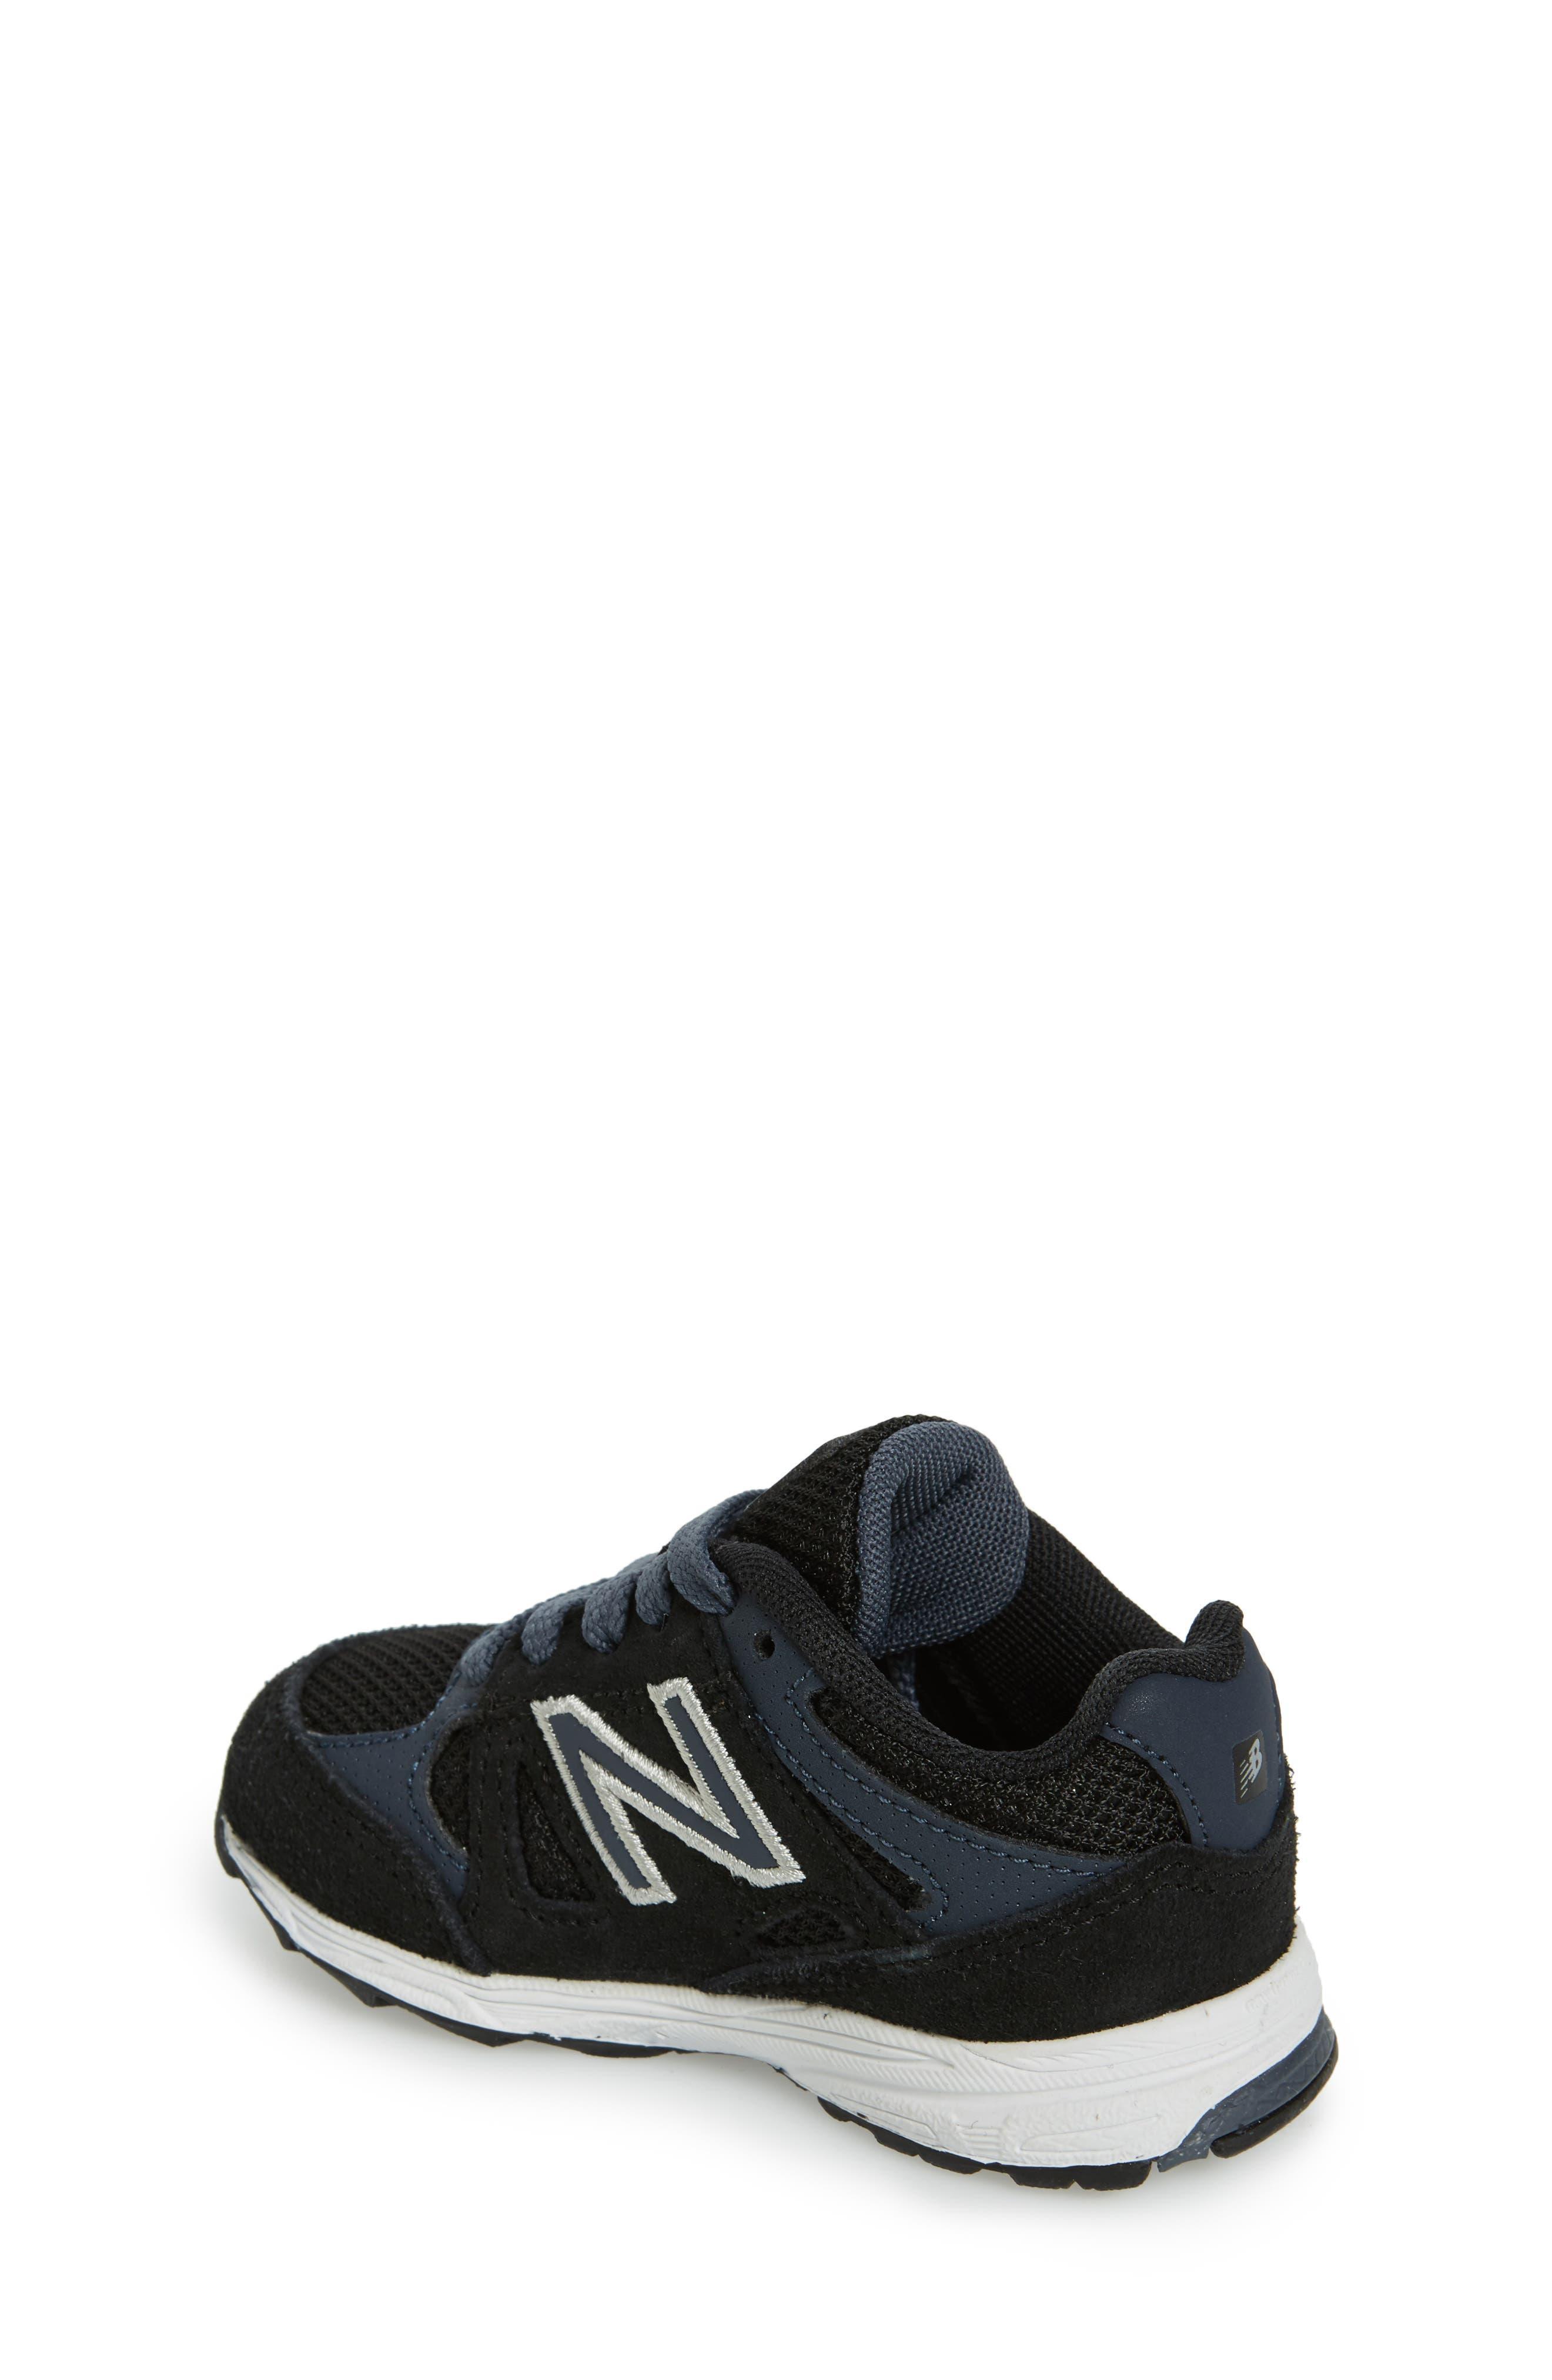 888 Sneaker,                             Alternate thumbnail 2, color,                             003